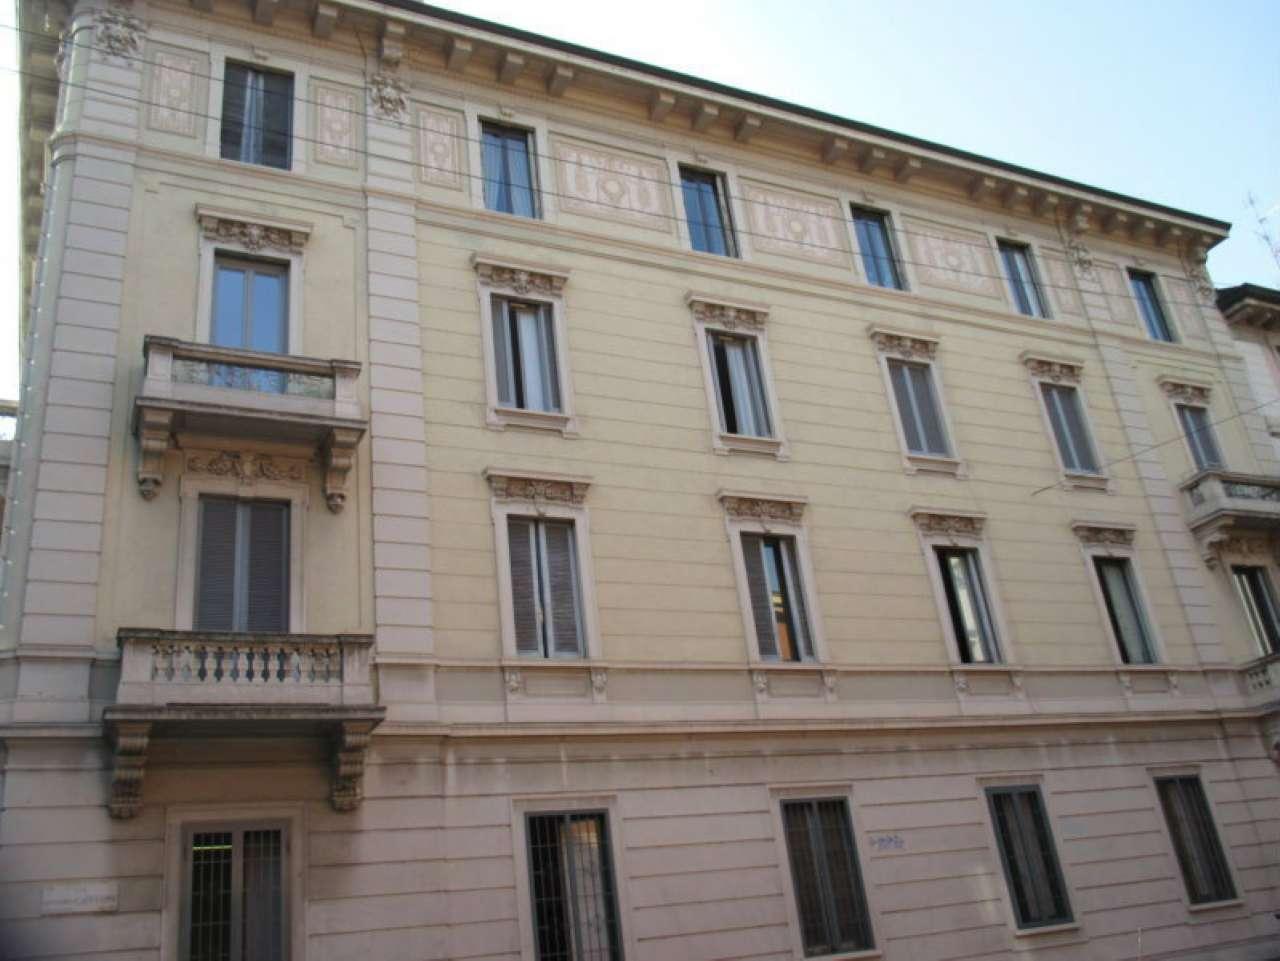 Appartamento in Affitto a Milano 08 Vercelli / Magenta / Cadorna / Washington: 2 locali, 70 mq